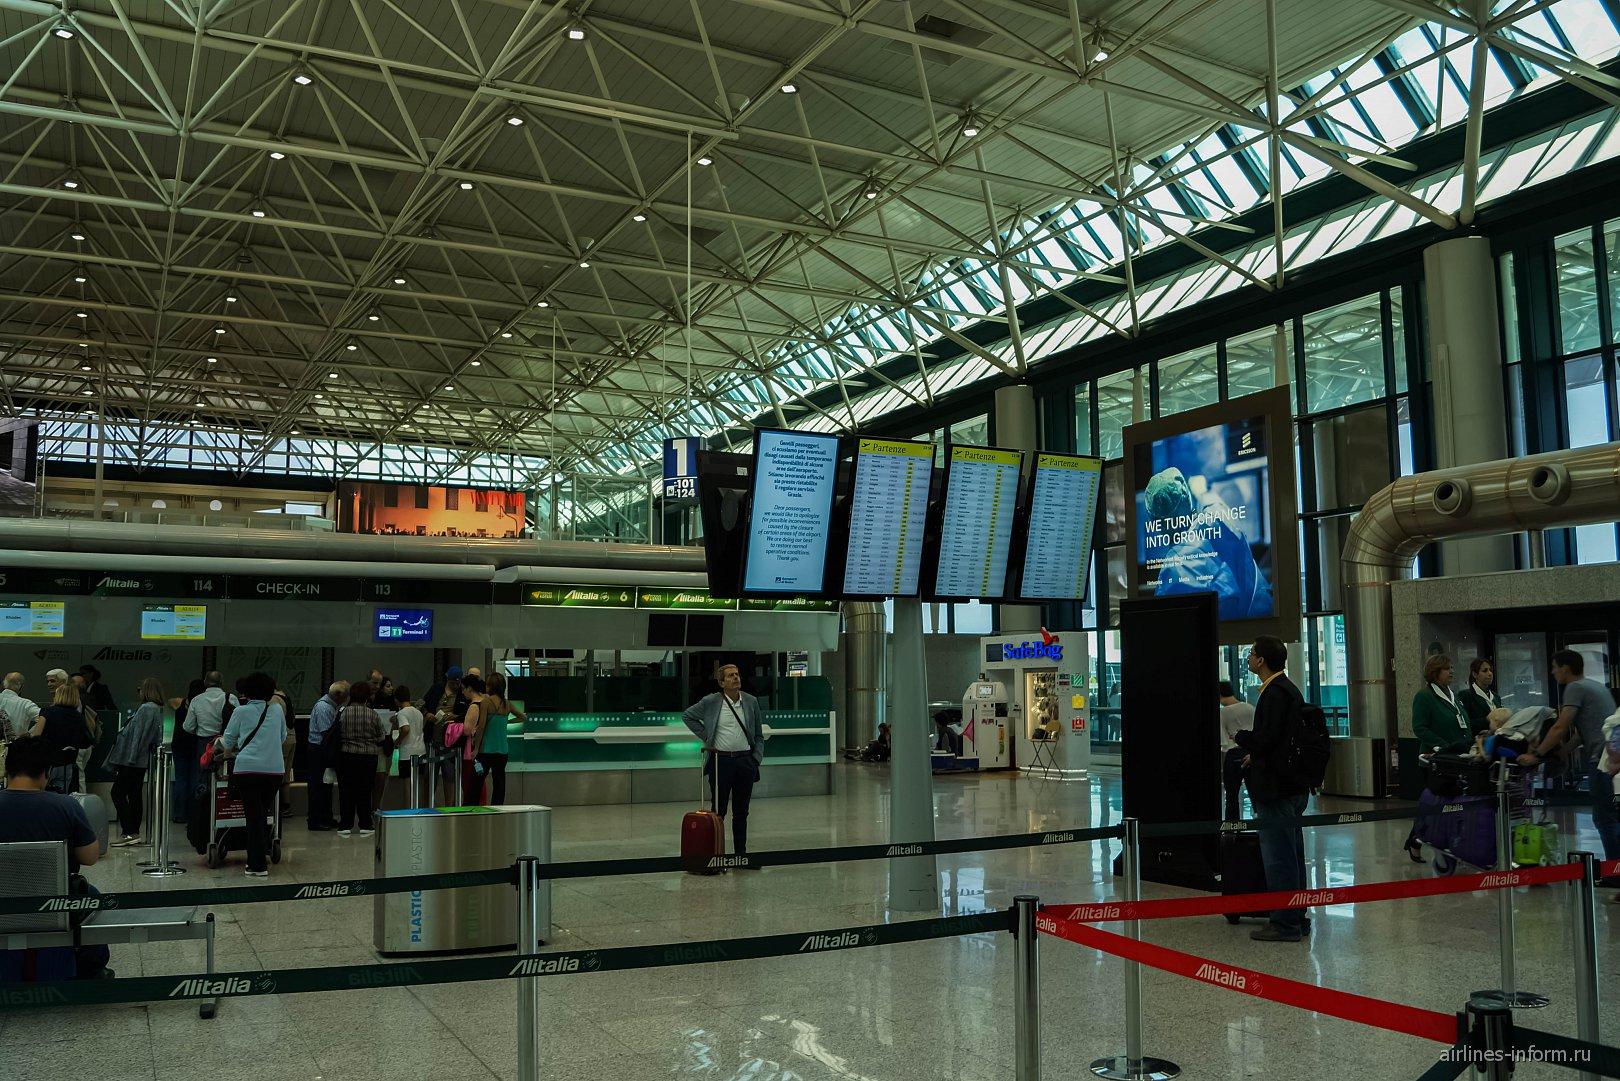 Зал регистрации в терминале 1 аэропорта Рим Фьюмичино